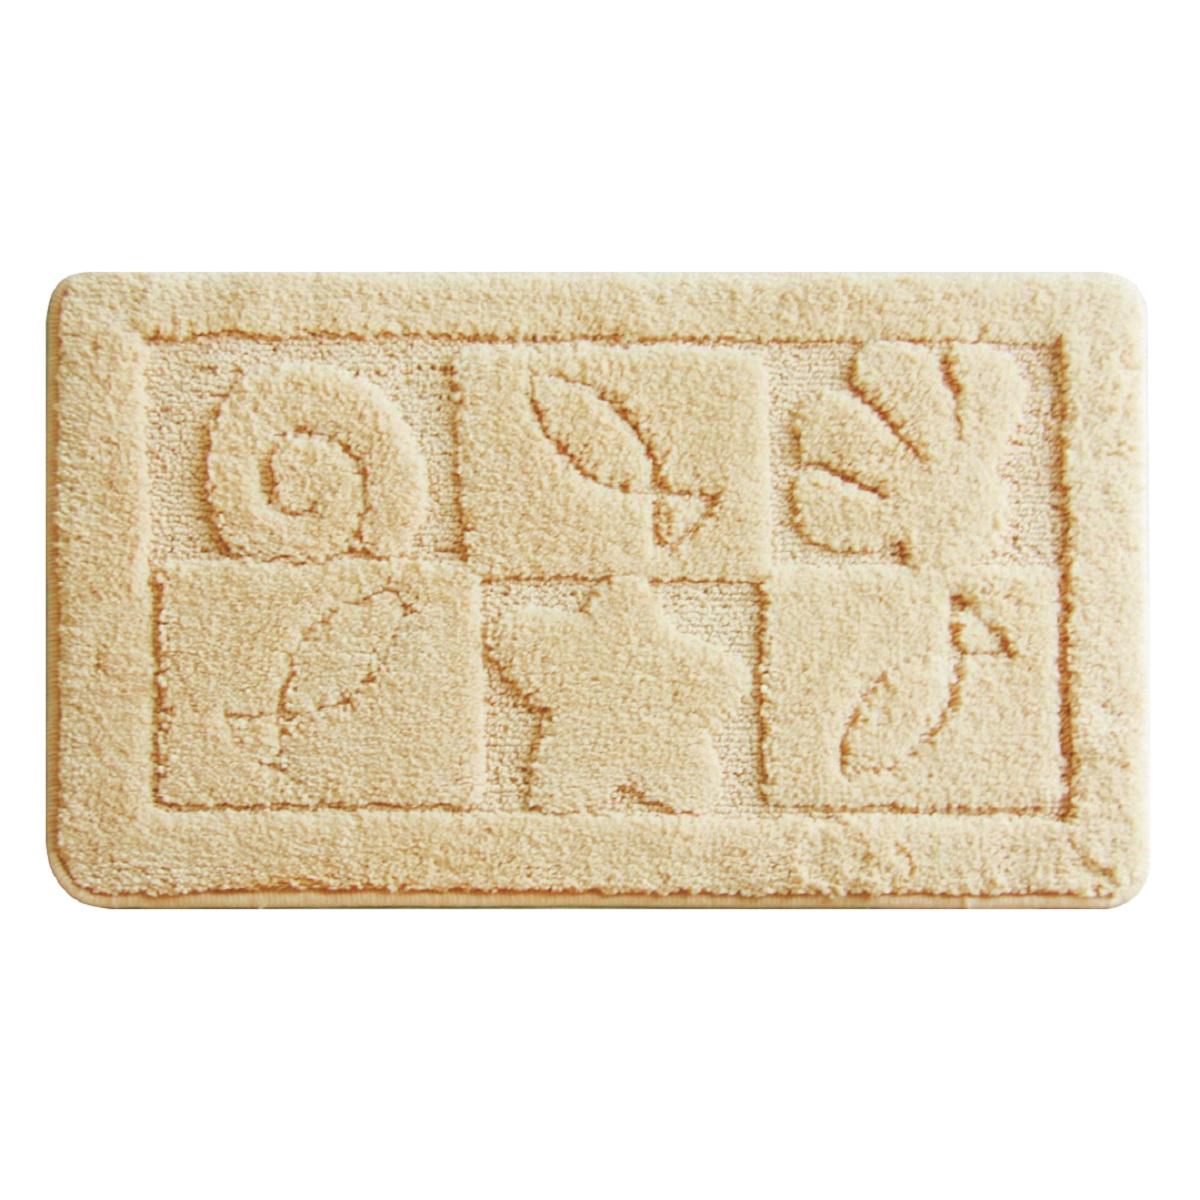 Коврик для ванной Milardo Reef (beige), цвет: бежевый, 40 х 70 см310M470M12100% Полиэстеровый тканный коврик для ванной комнаты на латексной основе. Высота ворса 1.5см. Упаковка ПП пакет